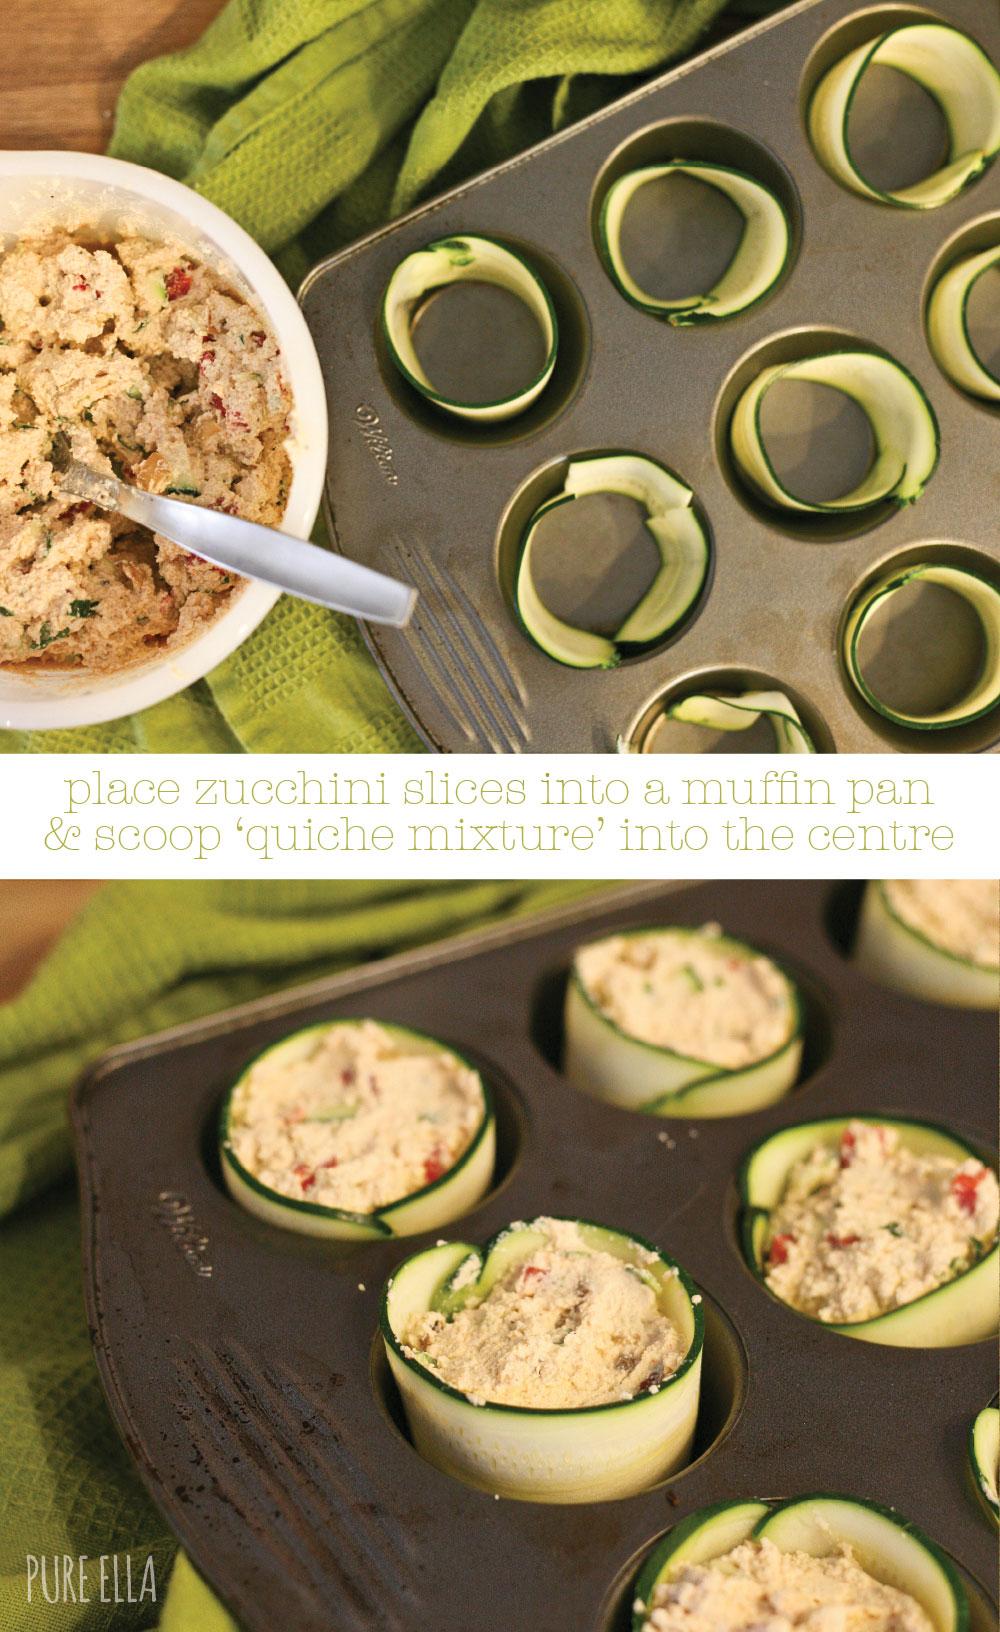 Pure-Ella-Zucchini-wrapped-mini-vegan-quiches2